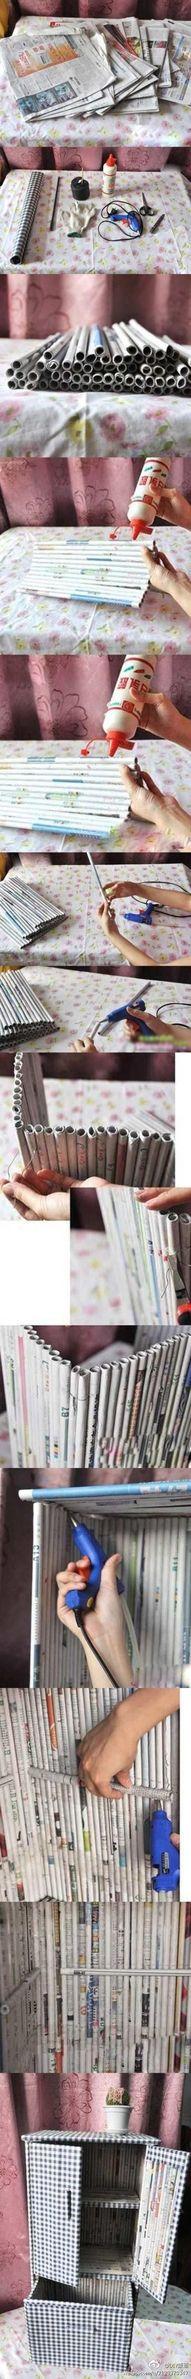 eski gazetelerden çekmeceli dolap yapımı